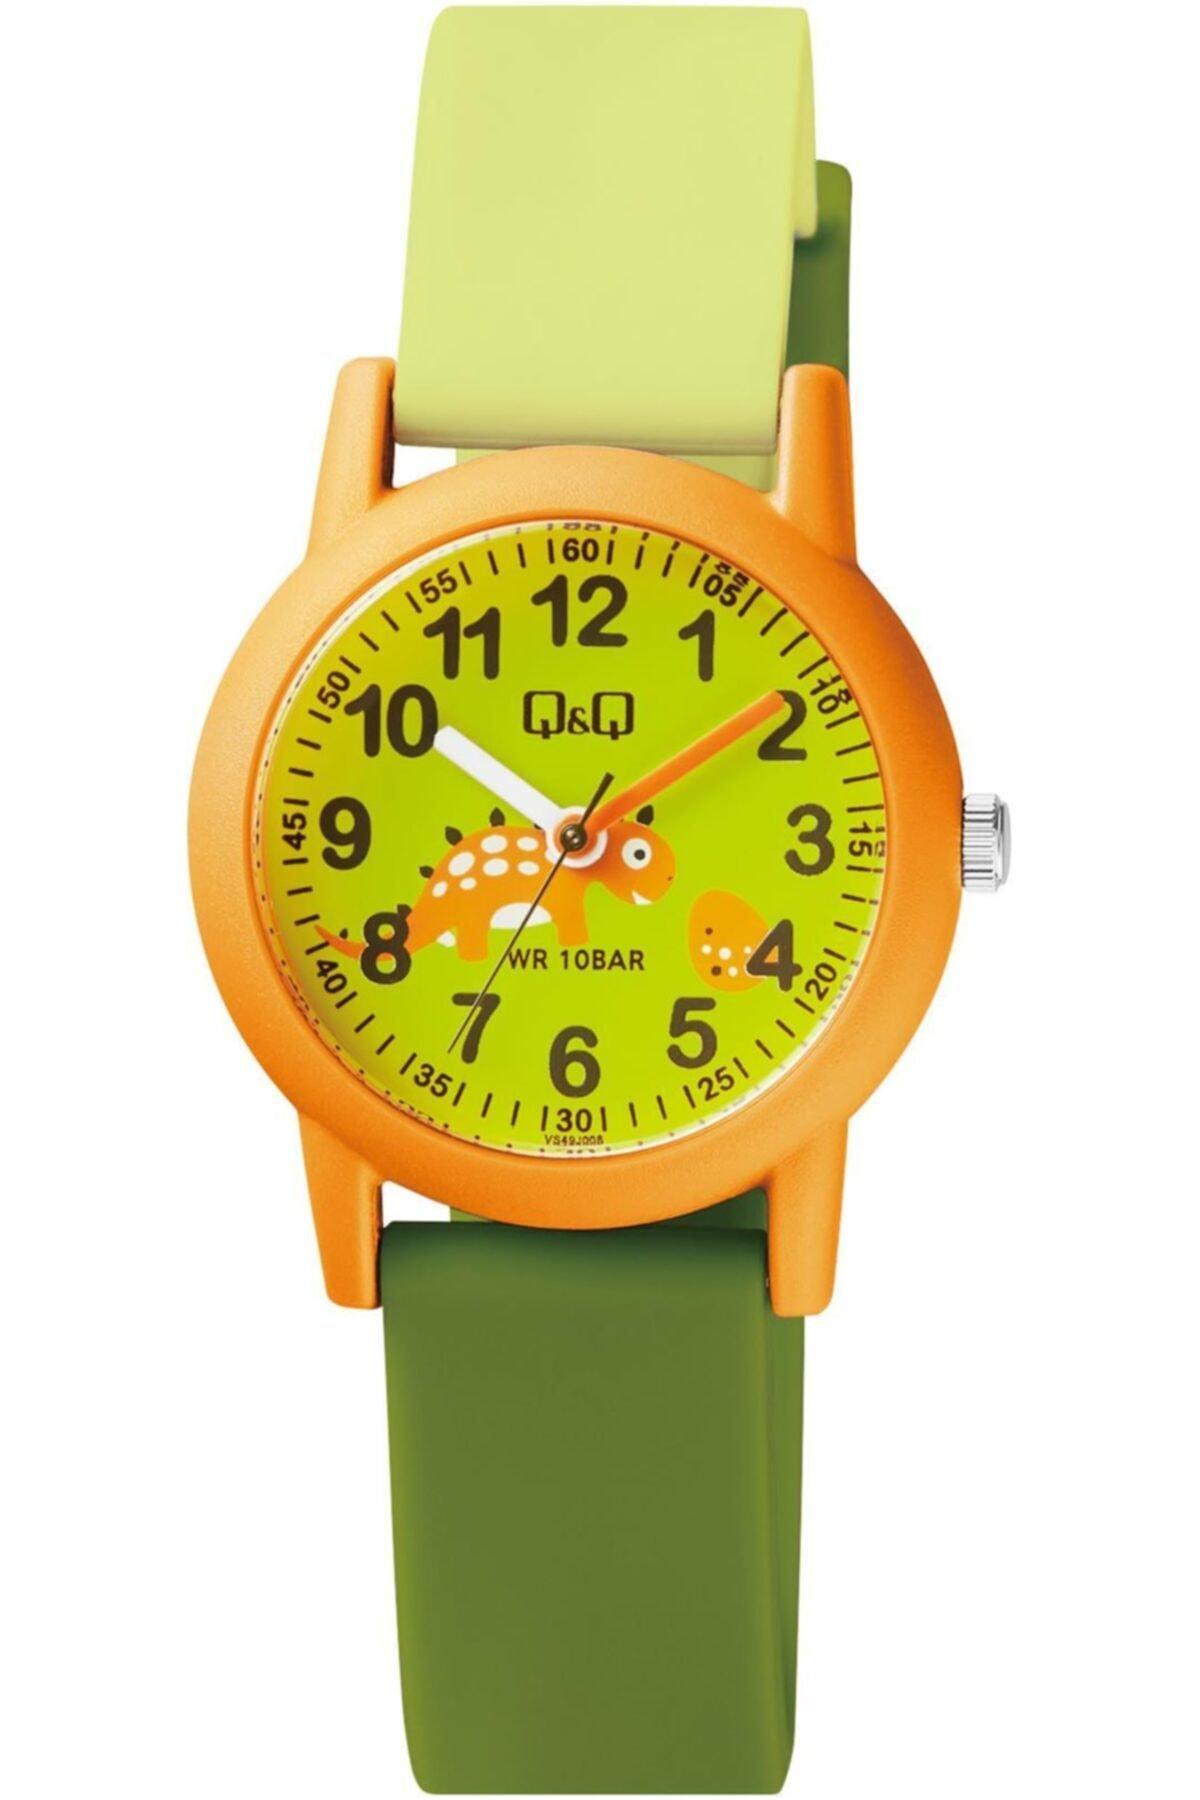 خرید اینترنتی ساعت بلند برند Q&Q رنگ طلایی ty79611712